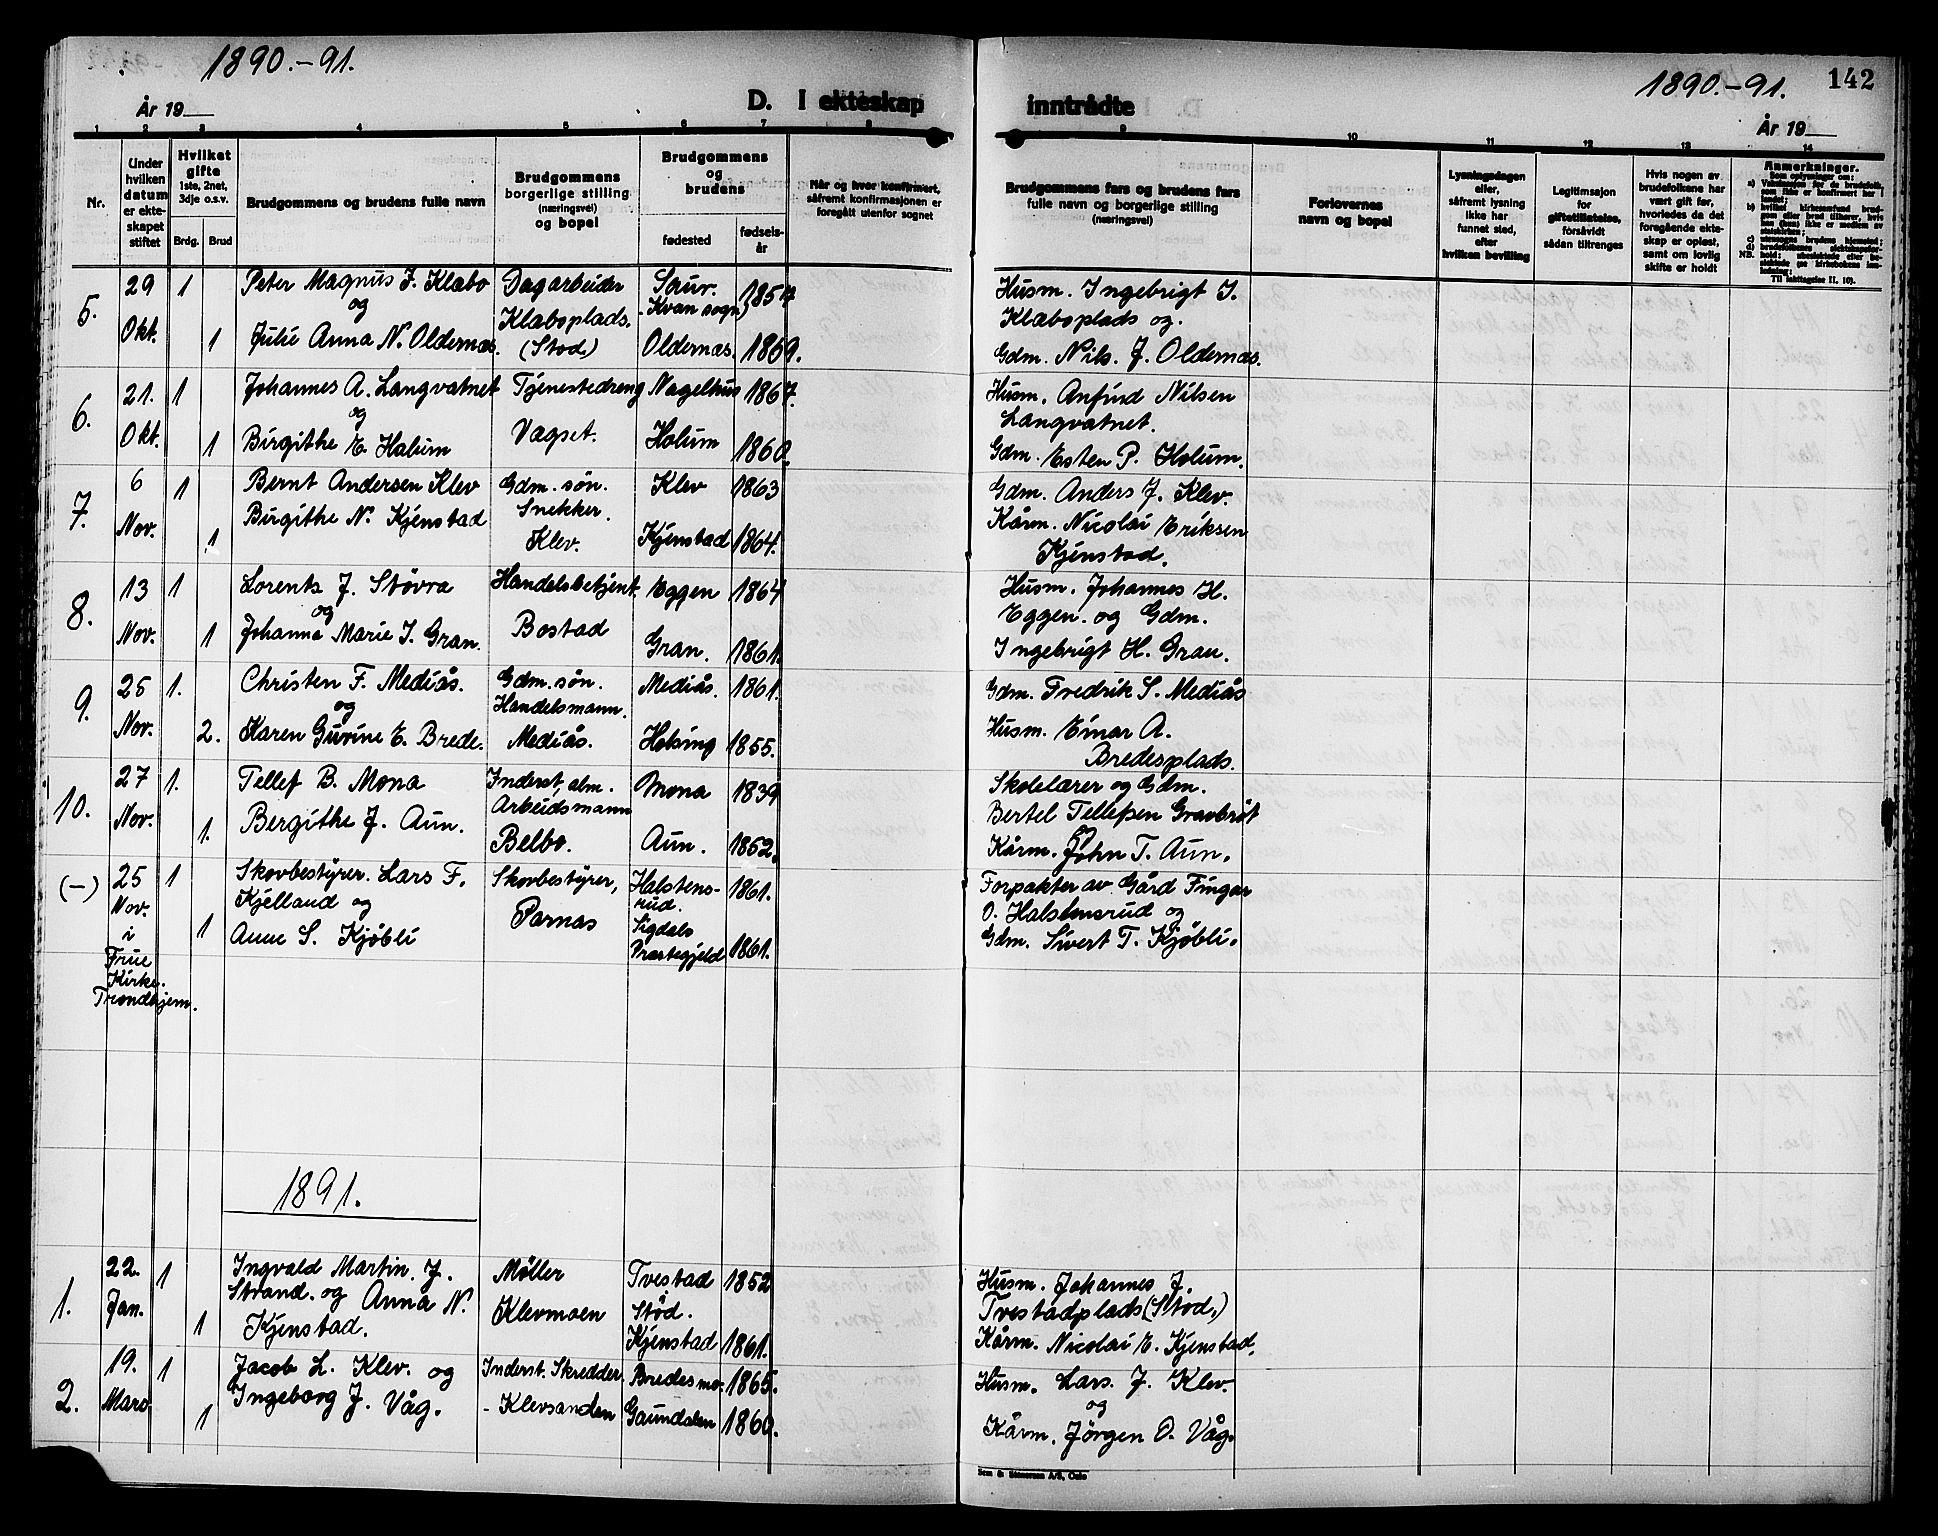 SAT, Ministerialprotokoller, klokkerbøker og fødselsregistre - Nord-Trøndelag, 749/L0487: Ministerialbok nr. 749D03, 1887-1902, s. 142